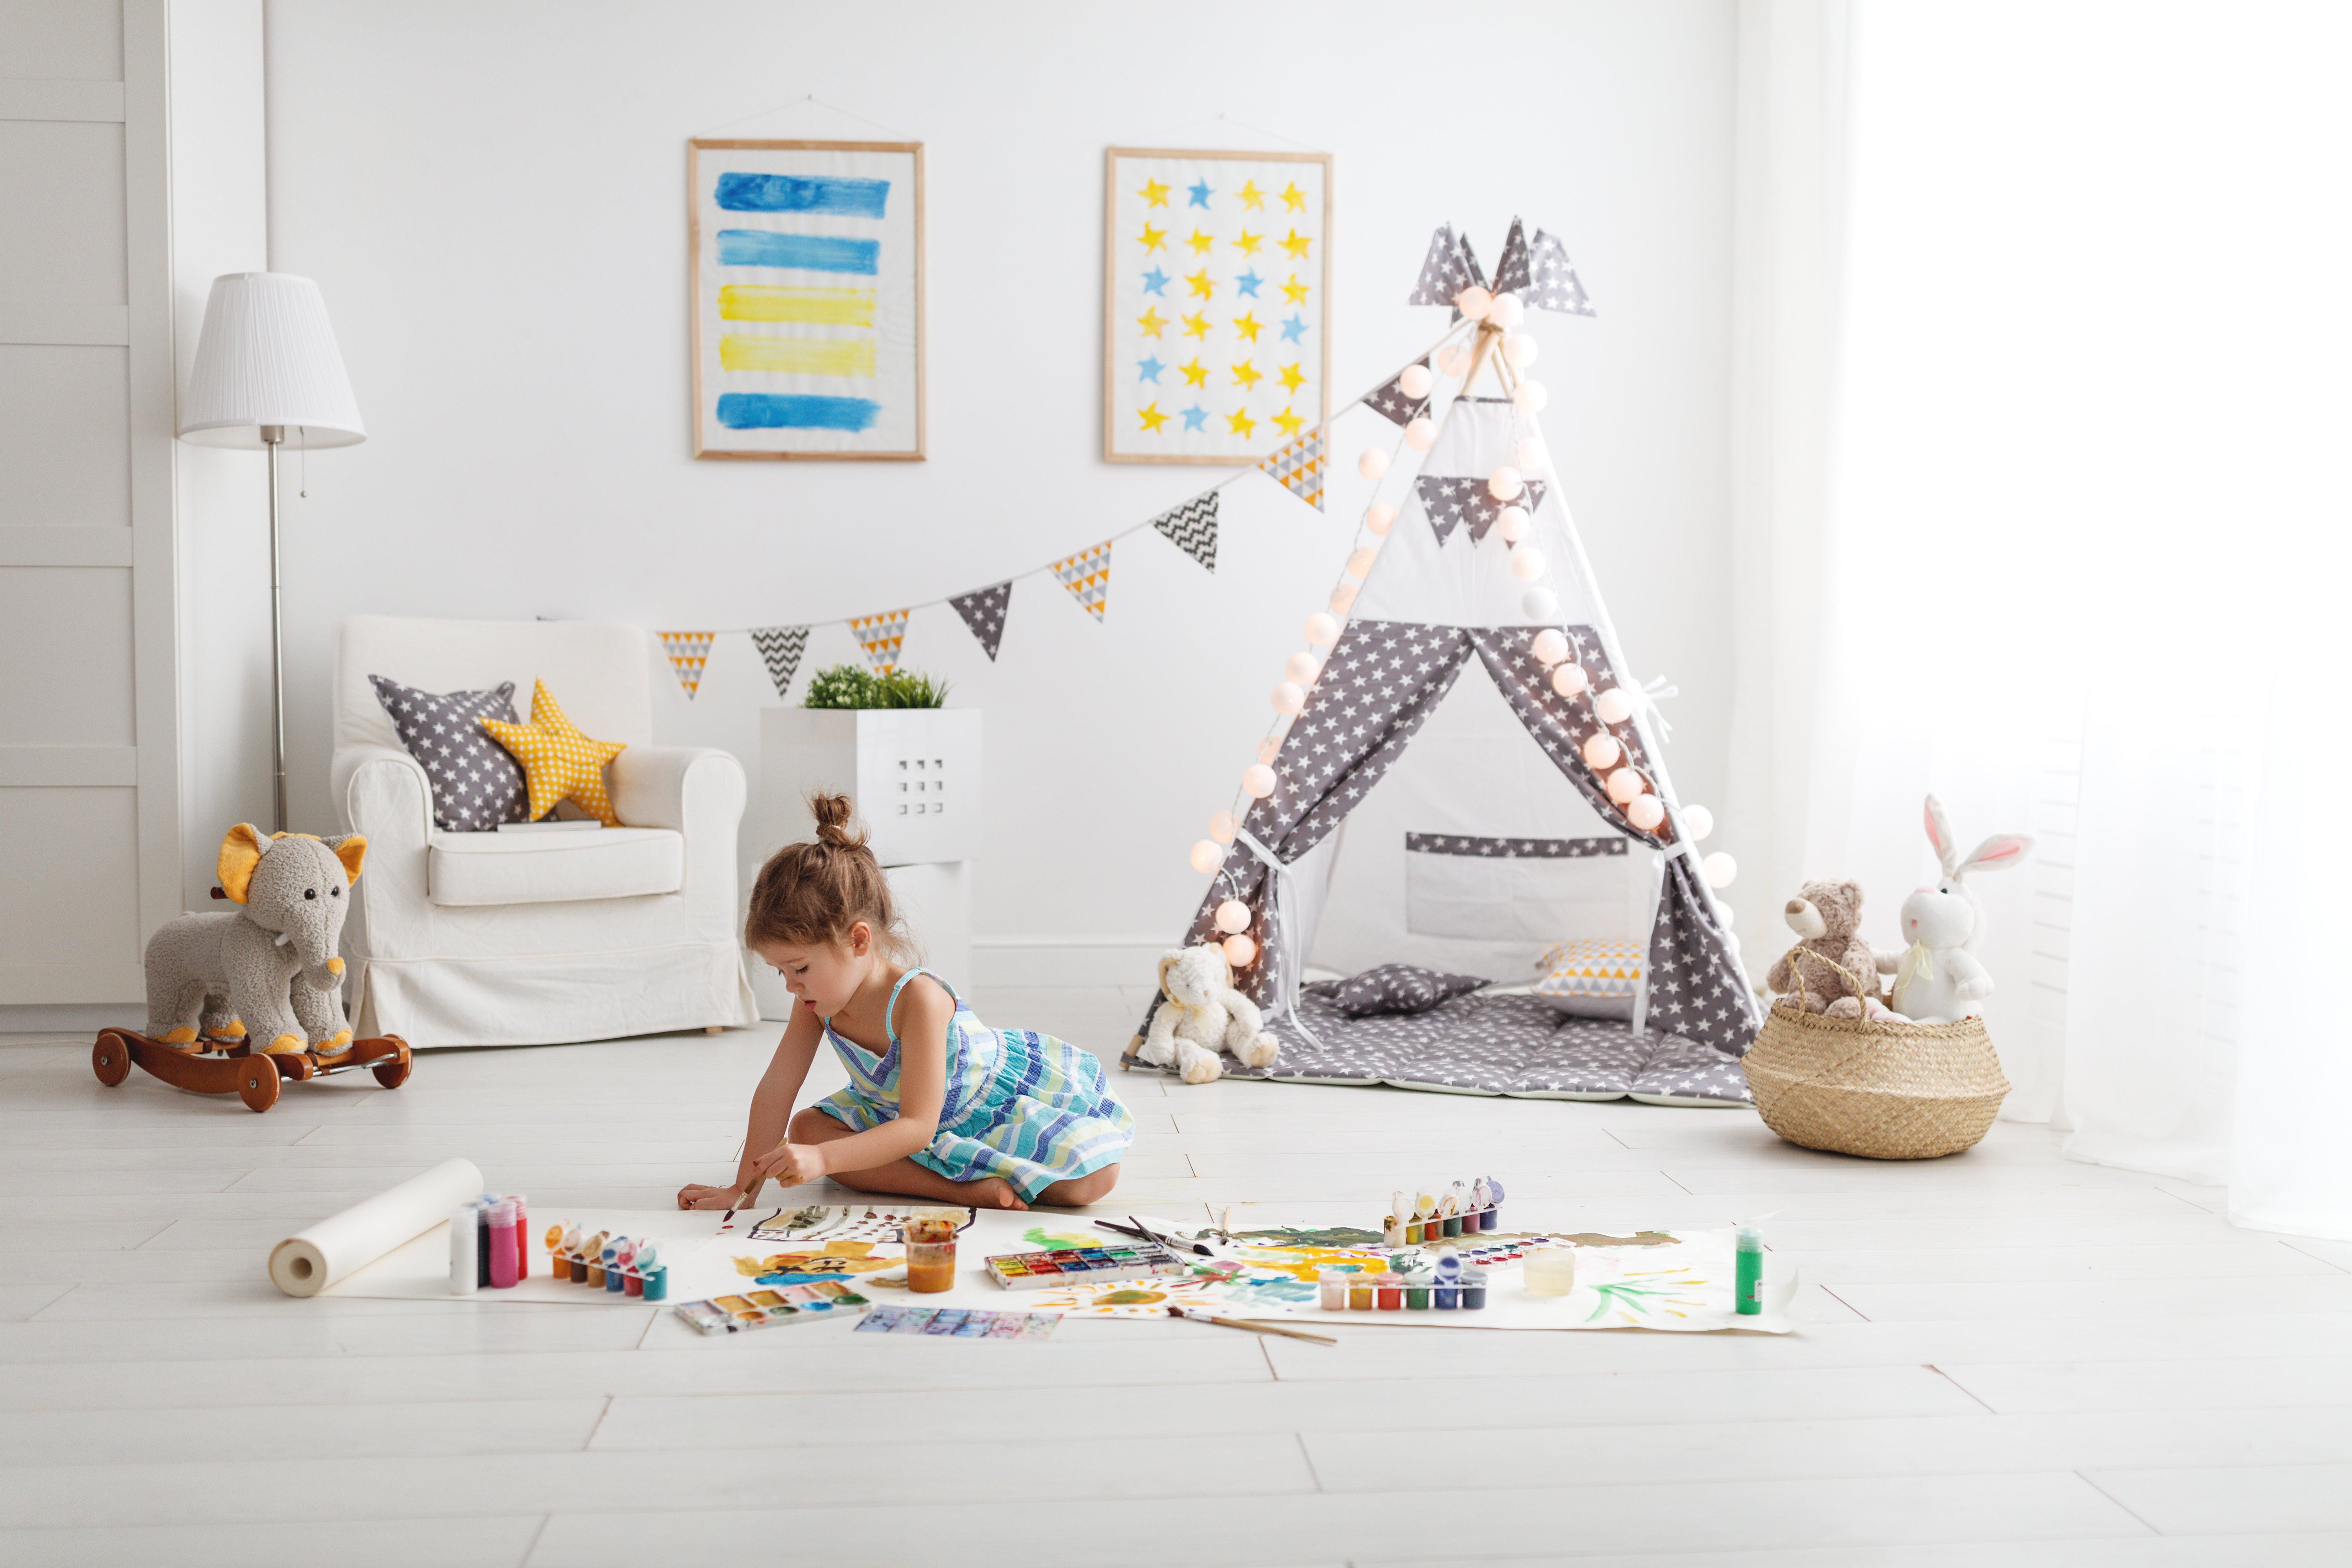 Idee Pittura Cameretta Bambina idee colorate per decorare la cameretta dei bambini